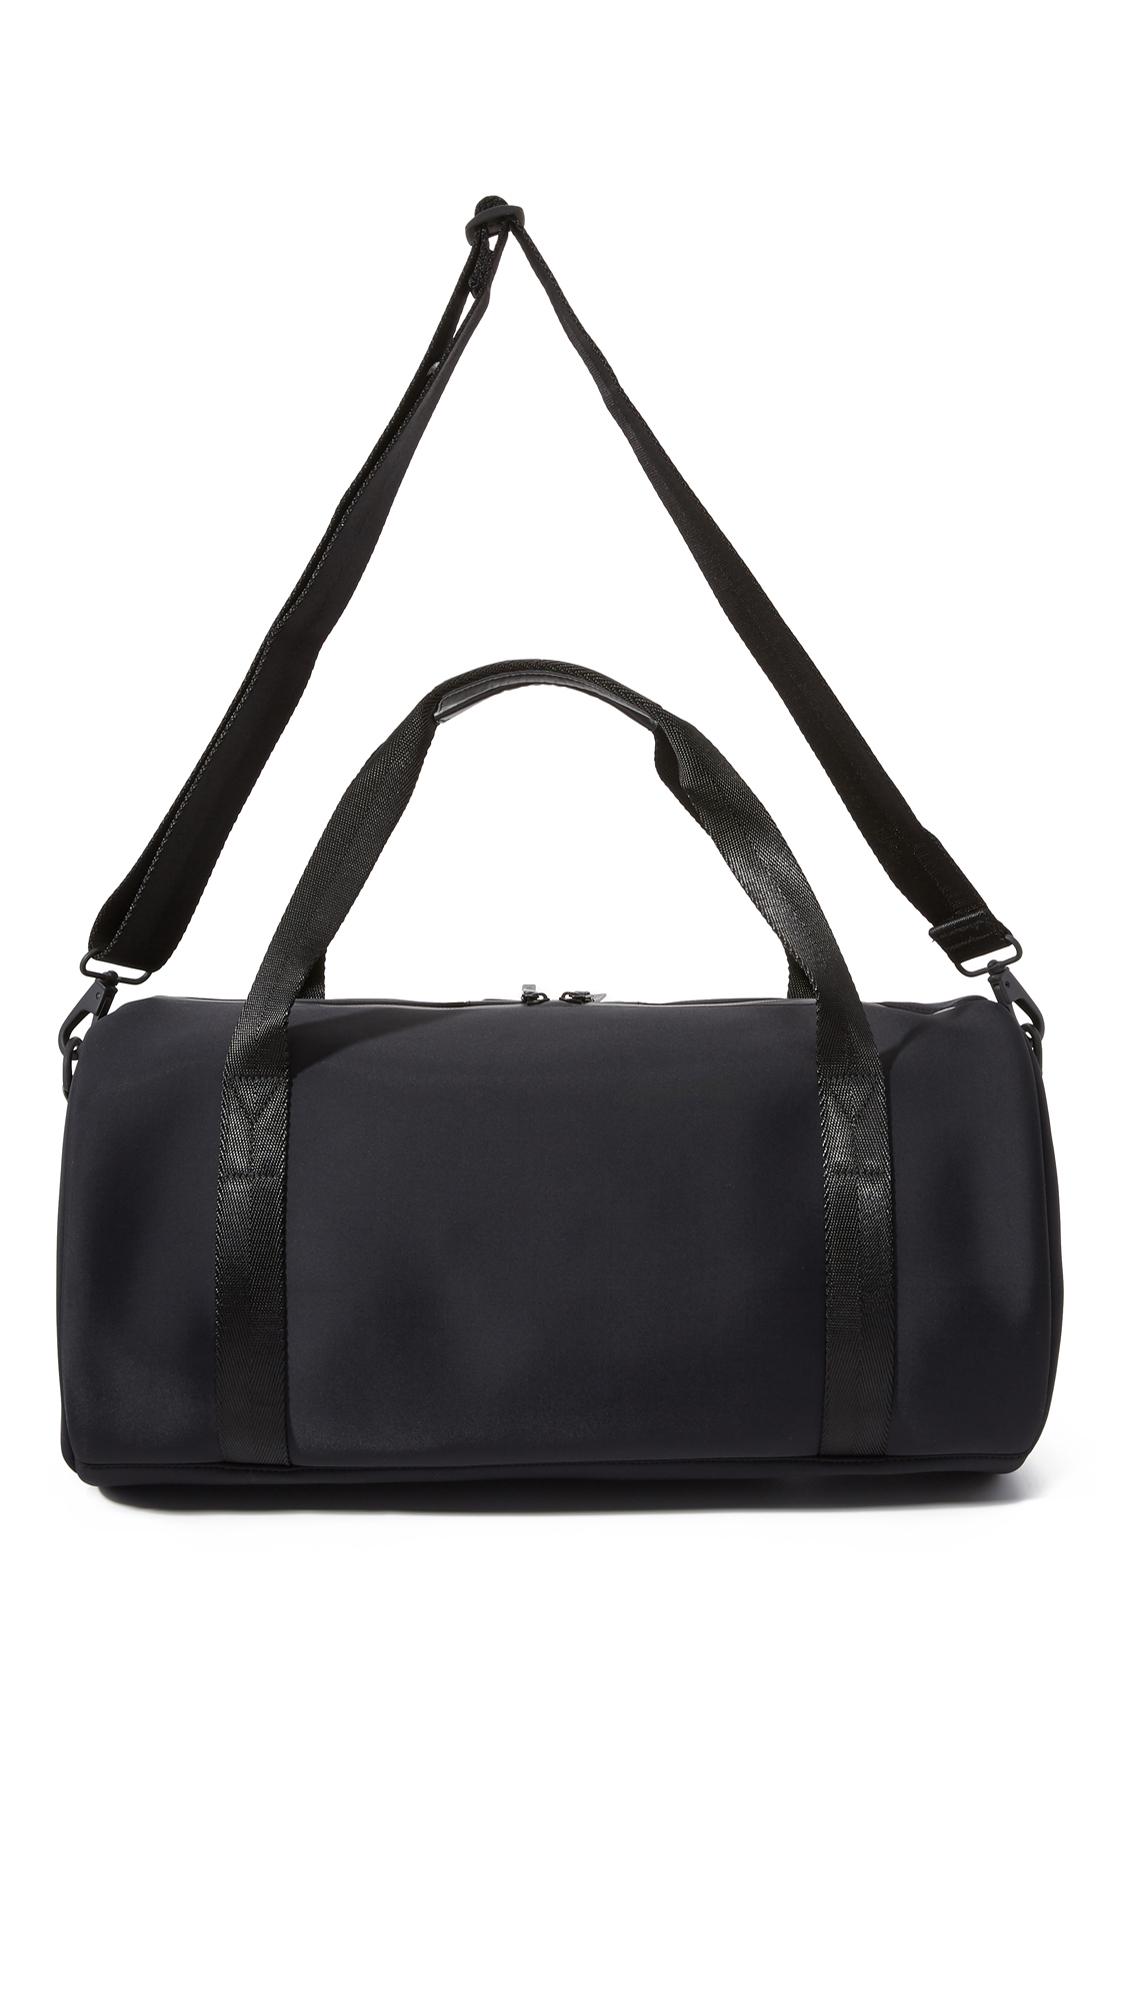 4691416b40 Lyst - Y-3 Qasa Gym Bag in Black for Men